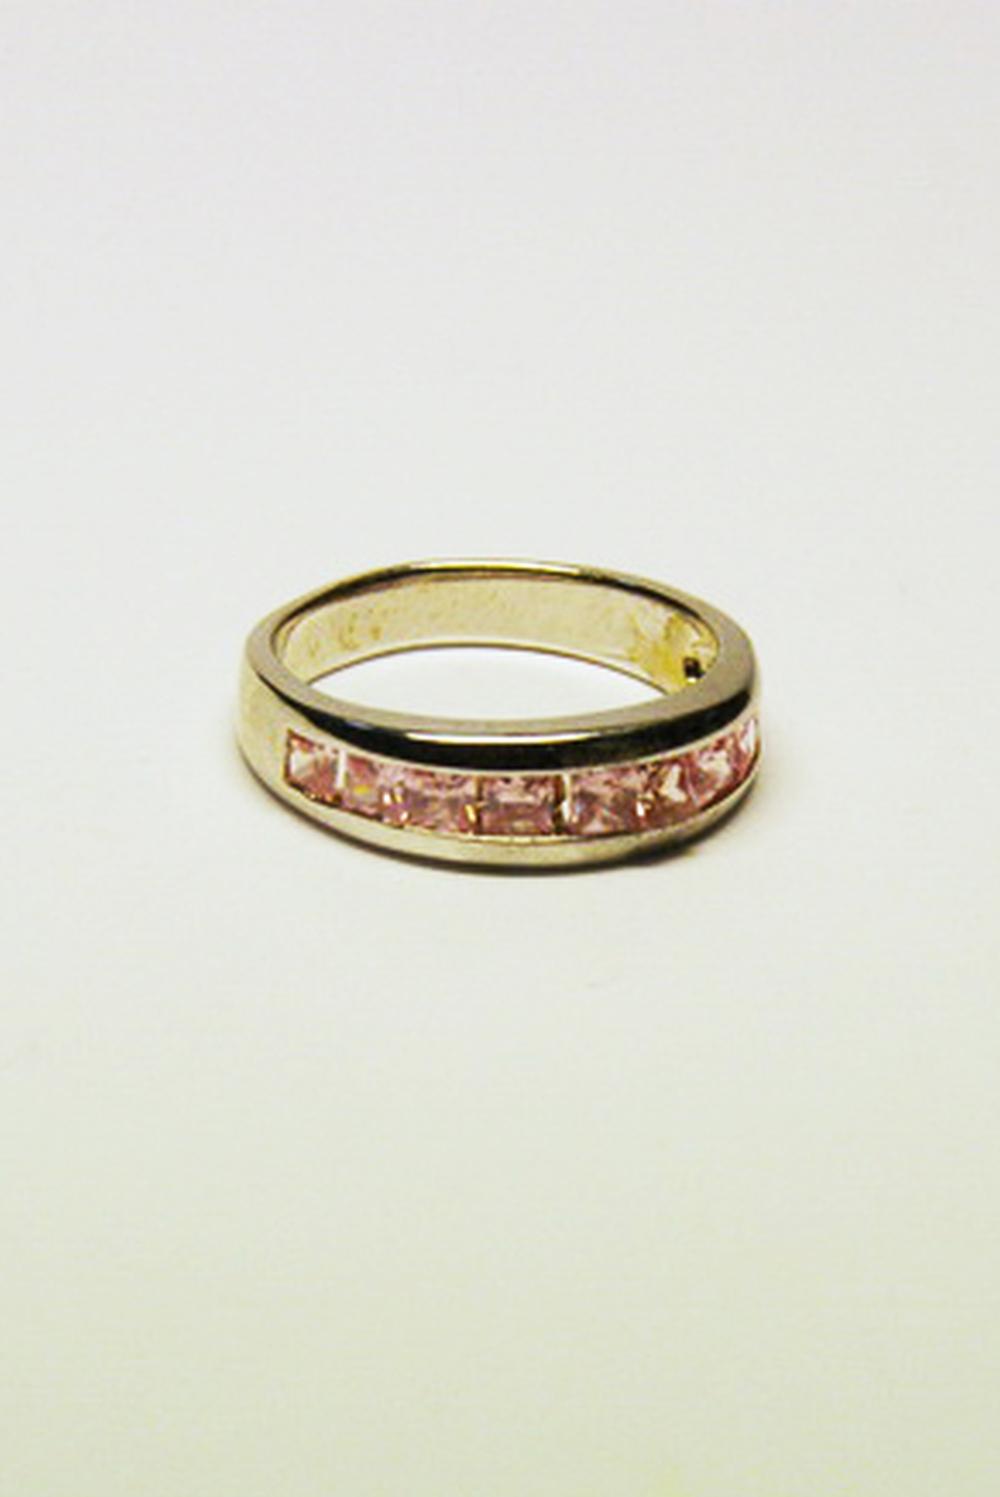 КольцоКольца<br>Искусно подобранный аксессуар – это незаменимый элемент образа стильной, уверенной в себе женщины Чудесное кольцо прекрасно подойдет к любому наряду, подчеркнув Вашу женственность, или преобразит обычную однотонную кофту, добавив Вашему внешнему виду изюминку.<br><br>По материалу: Гипоаллергенный сплав<br>По образу: Выпускной,Деним,Жизнь,Свидание,Театр,Торжество<br>По стилю: Нарядные,Романтические,Роскошные<br>По форме: Круглые<br>По элементам: Стразы<br>Размер : UNI<br>Материал: Гипоаллергенный сплав<br>Количество в наличии: 1